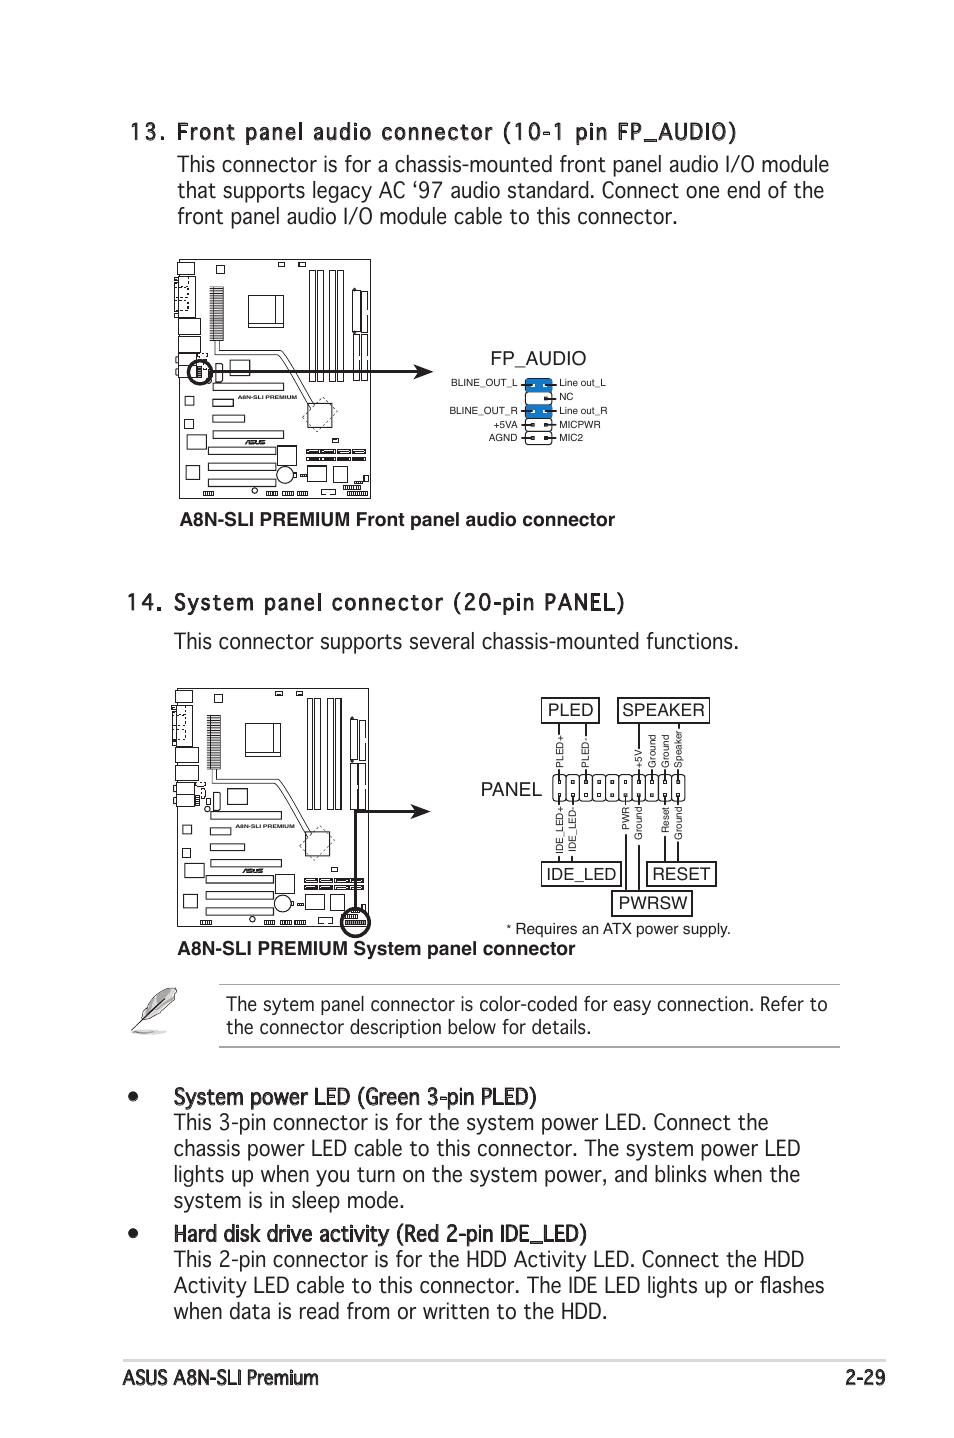 Asus a8n-sli premium 2-29, A8n-sli premium system panel connector, Panel |  Asus Motherboard A8N-SLI Premium User Manual | Page 55 / 182